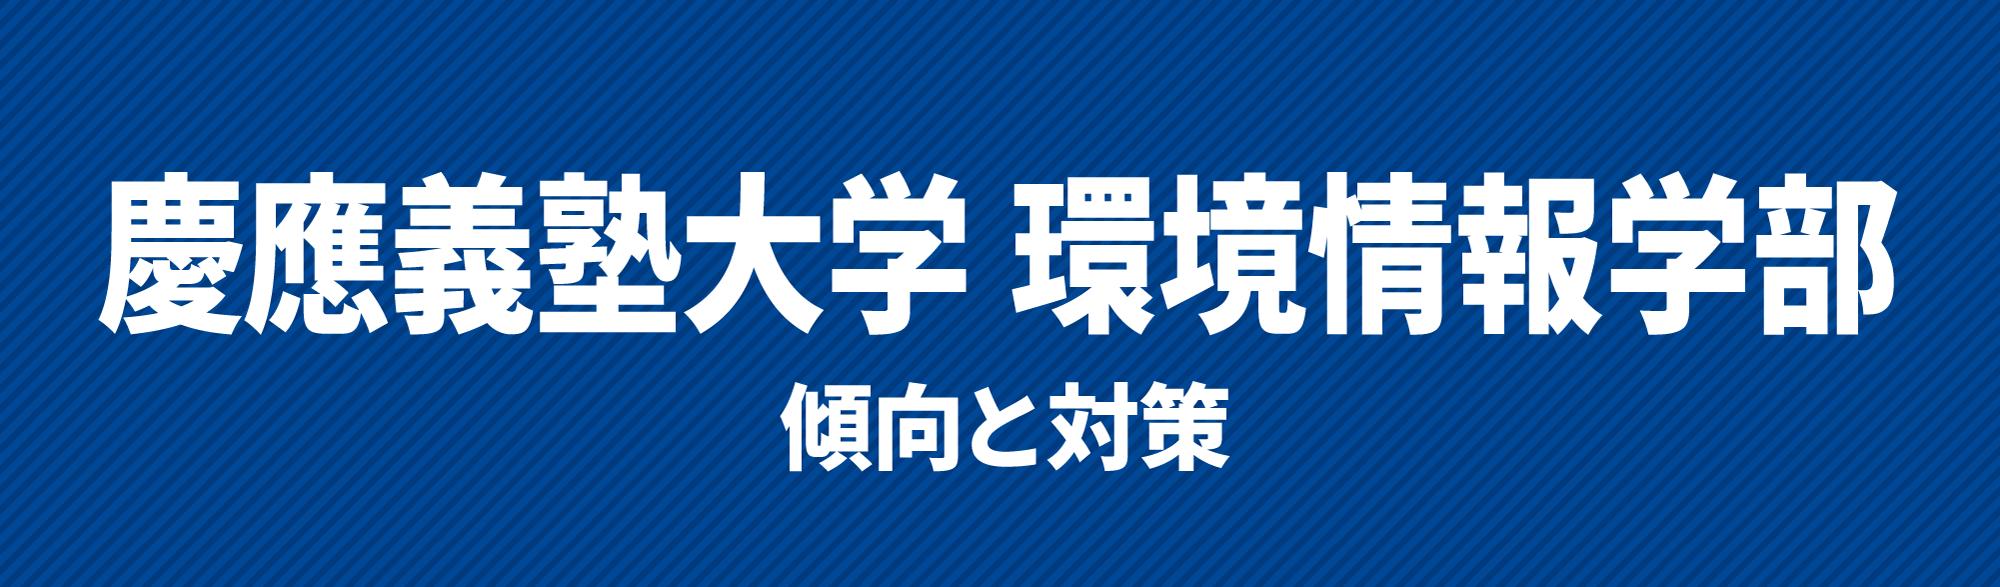 慶應義塾大学環境情報学部傾向と対策